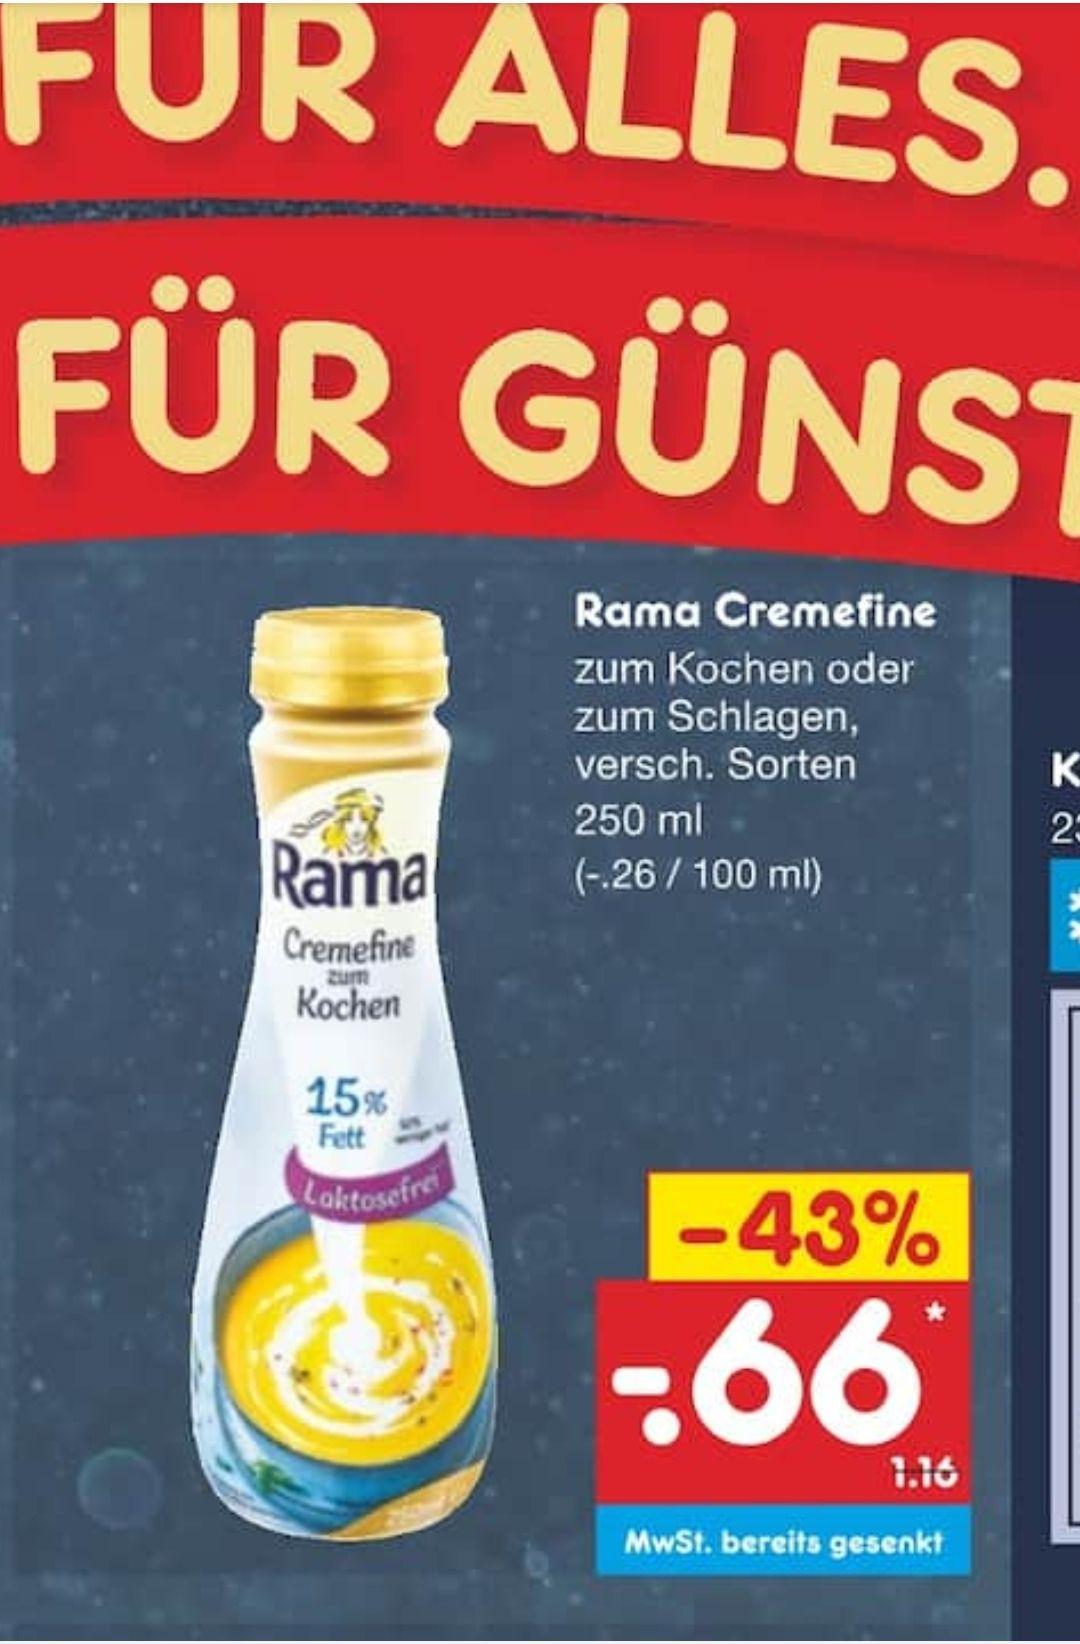 Rama Cremefine zum kochen nur 0,66€